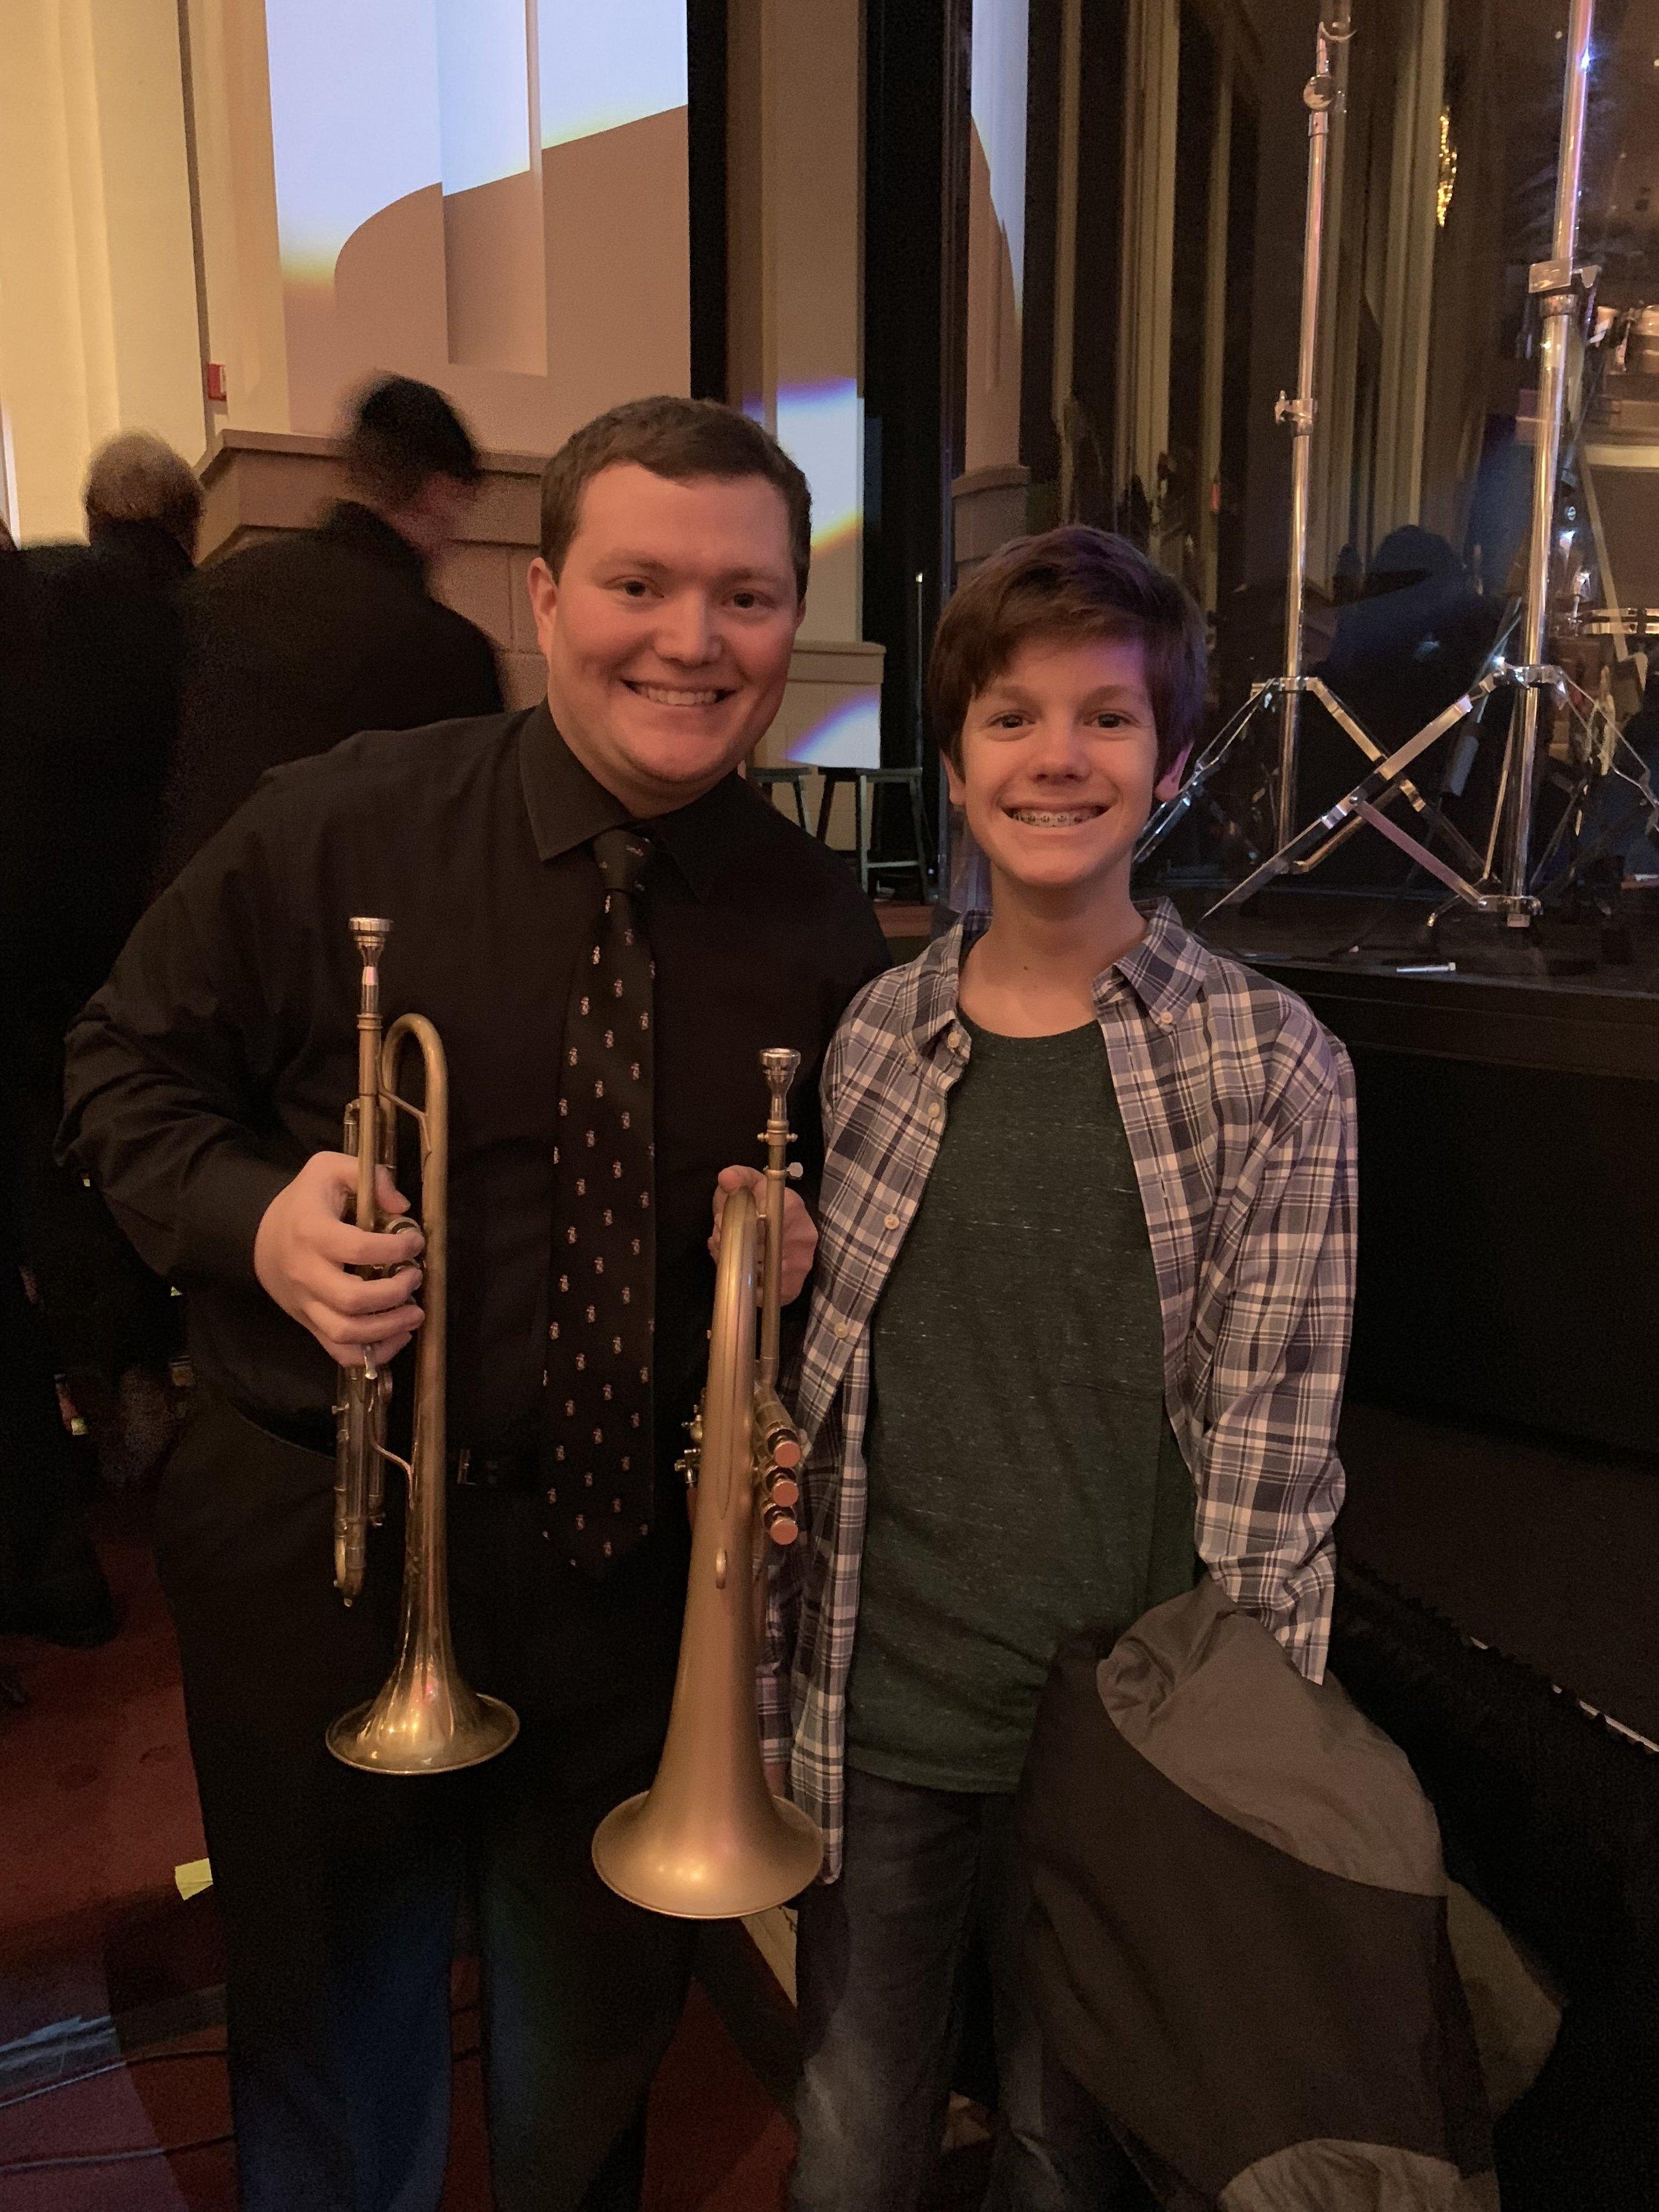 William (8th Grade, SB Alto Sax) spotted Mr. Soloff in the North Atlanta Christmas Festival Orchestra!